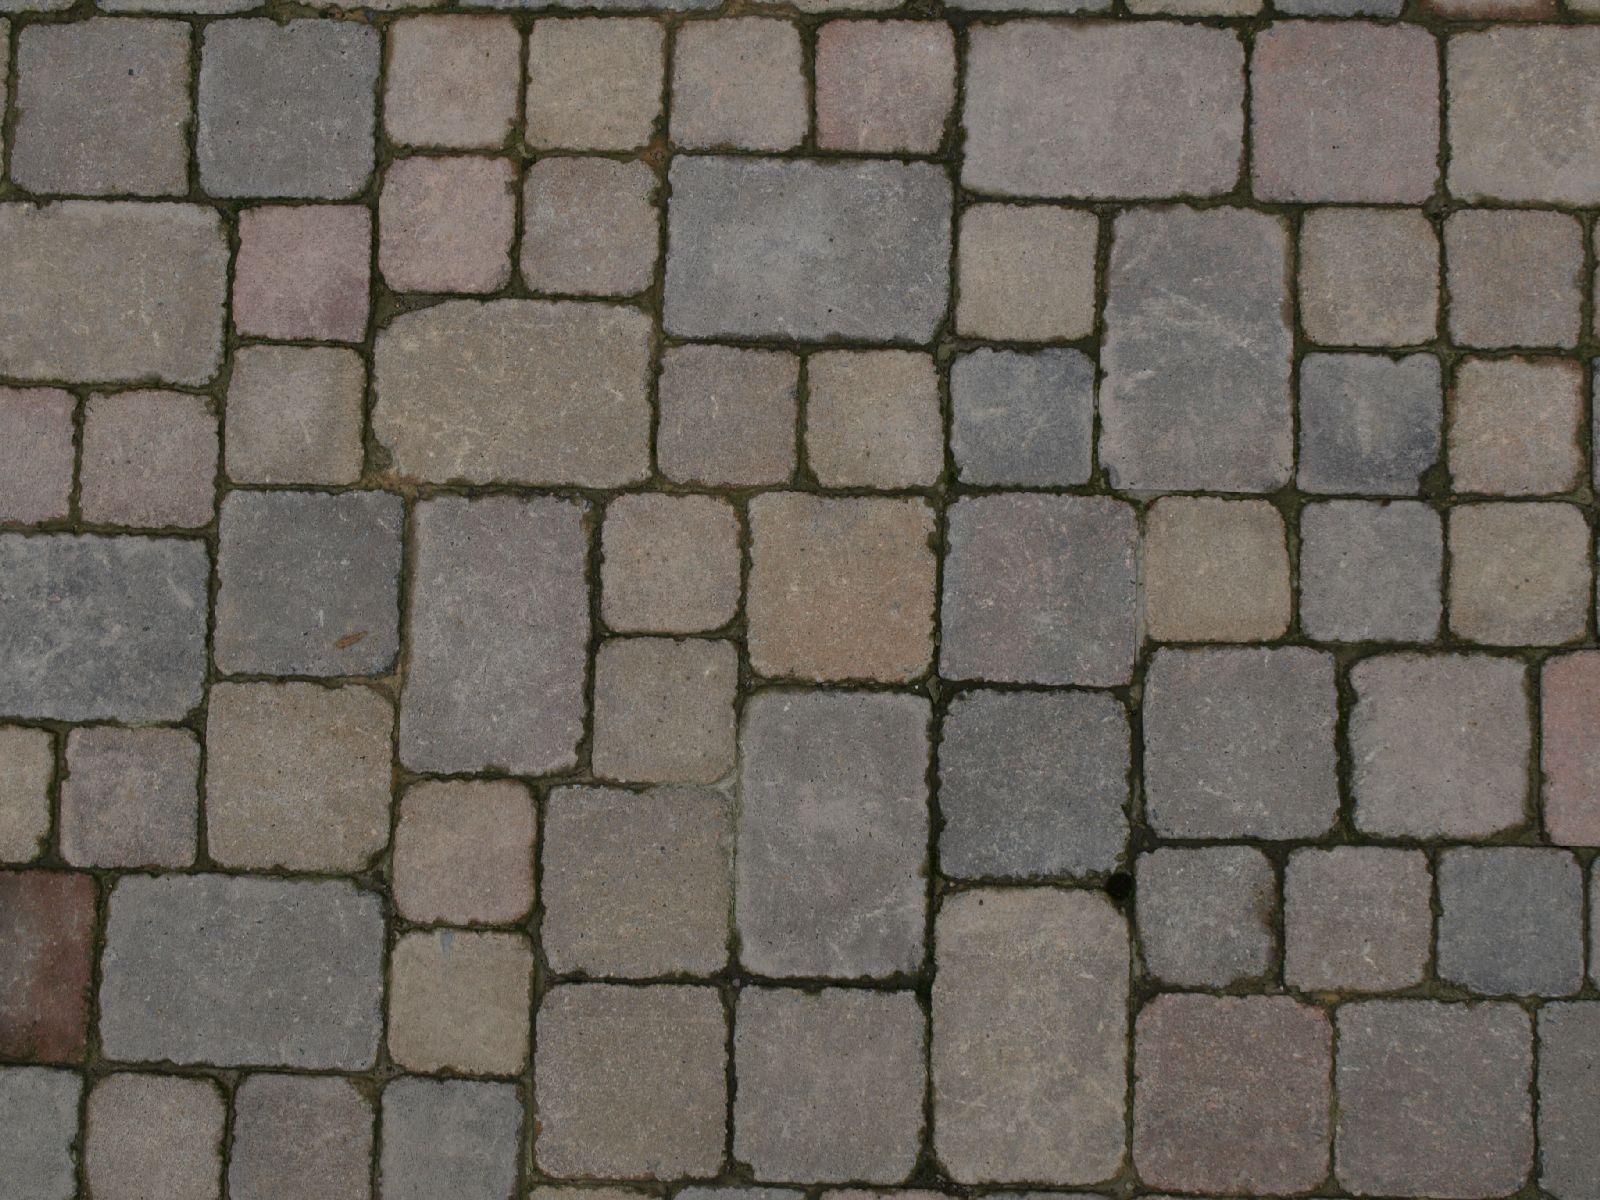 Boden-Gehweg-Strasse-Buergersteig-Textur_A_P6083347